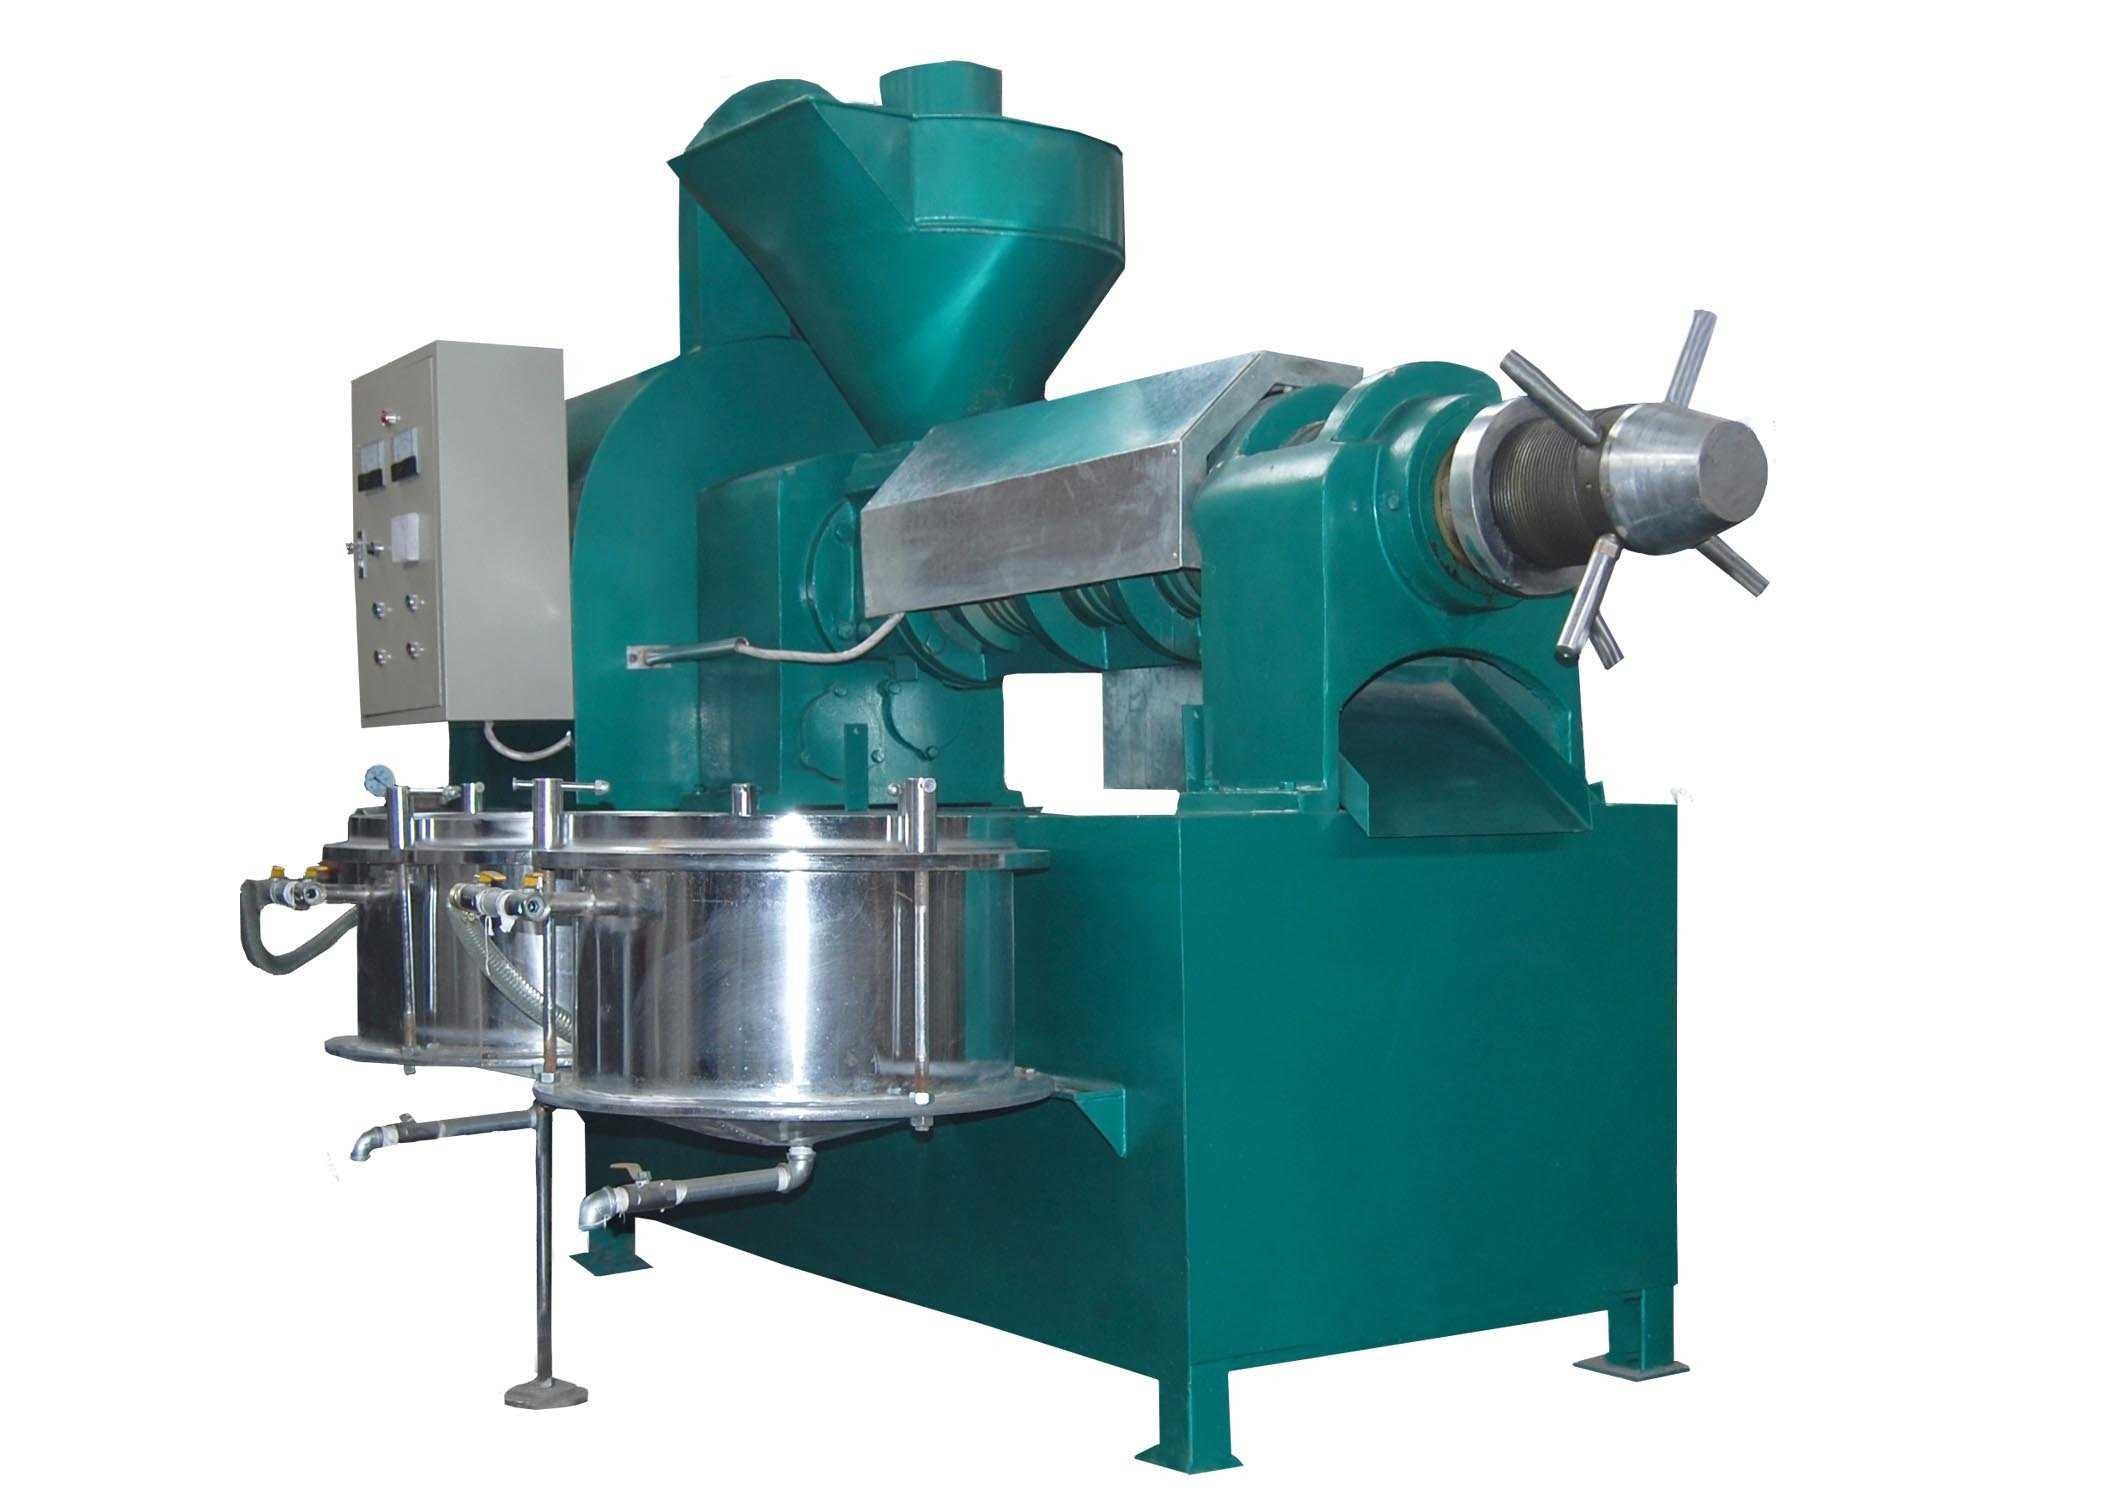 Mini-Oil-Mill-Machinery